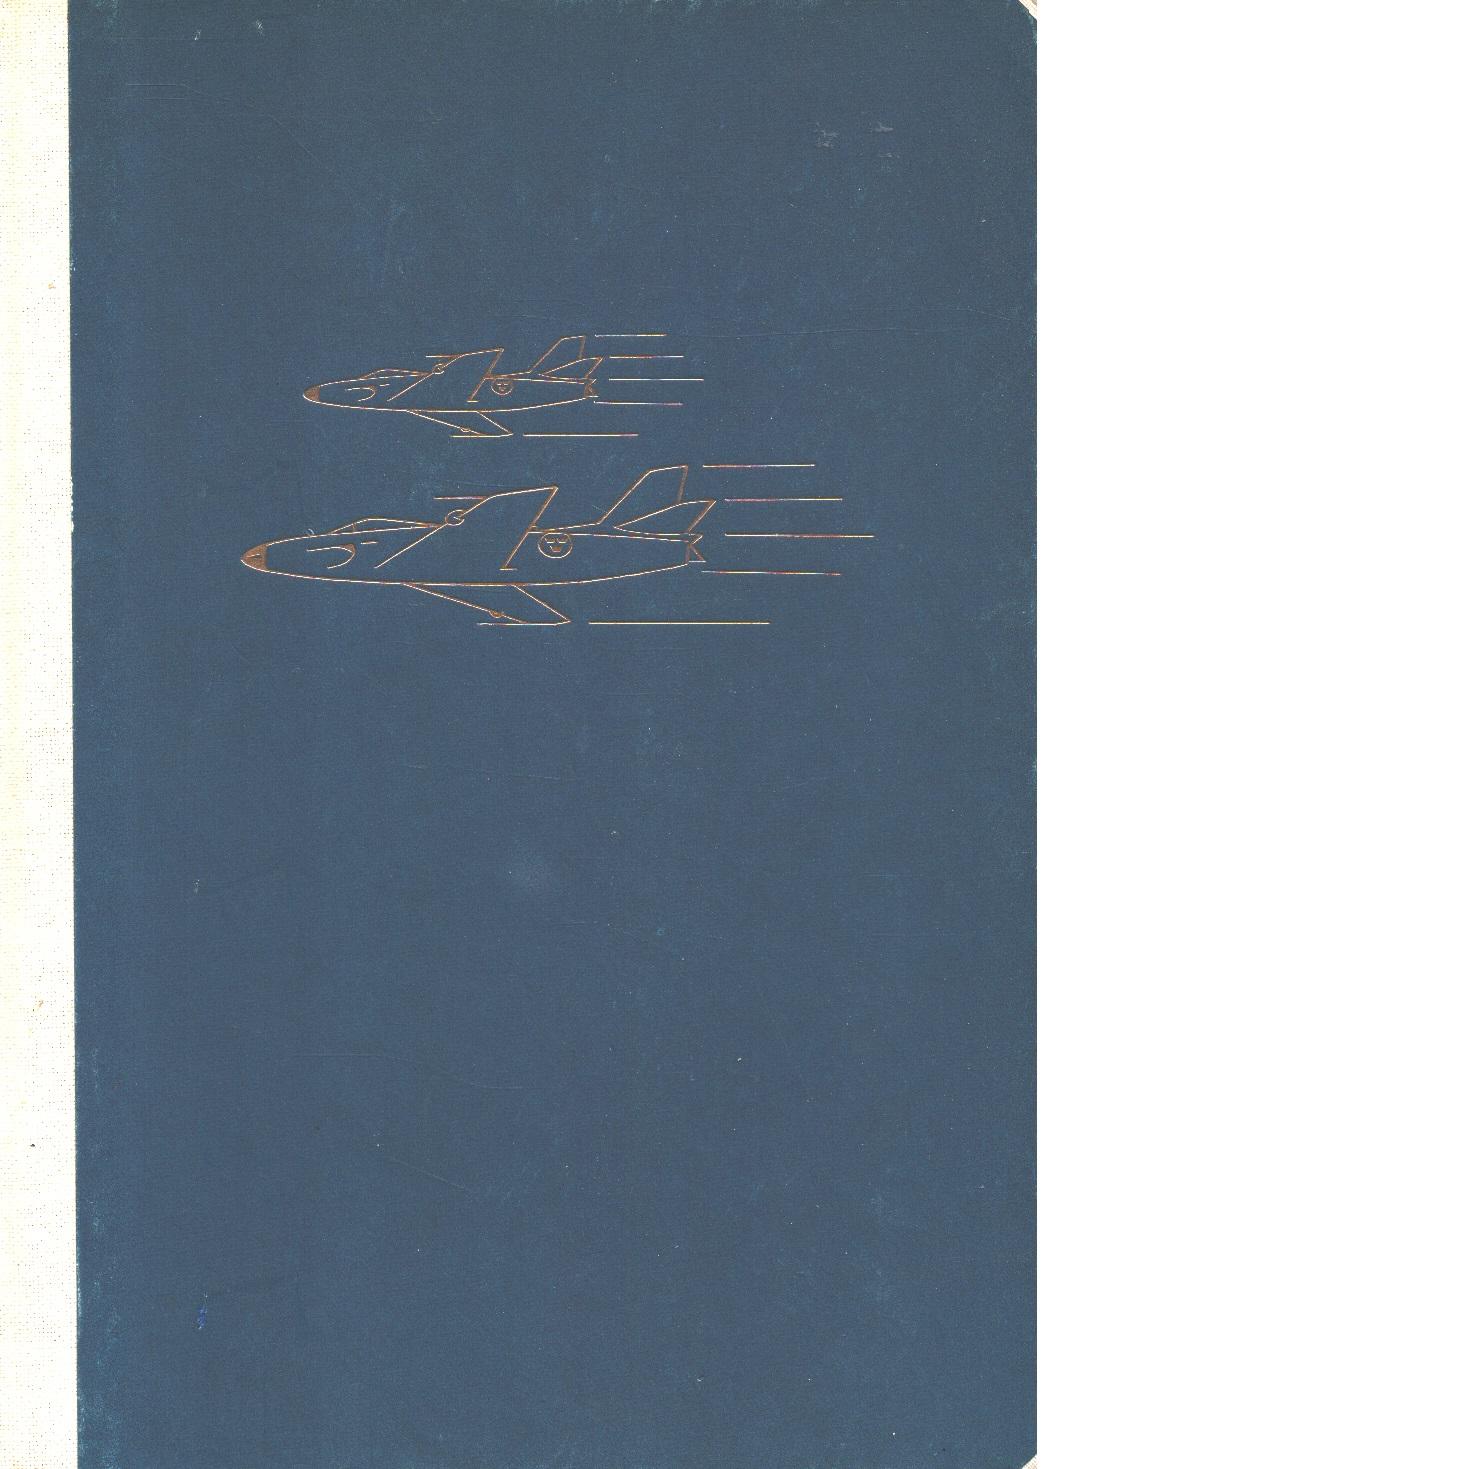 Ett år i luften : flygets årsbok 1958 - Red.